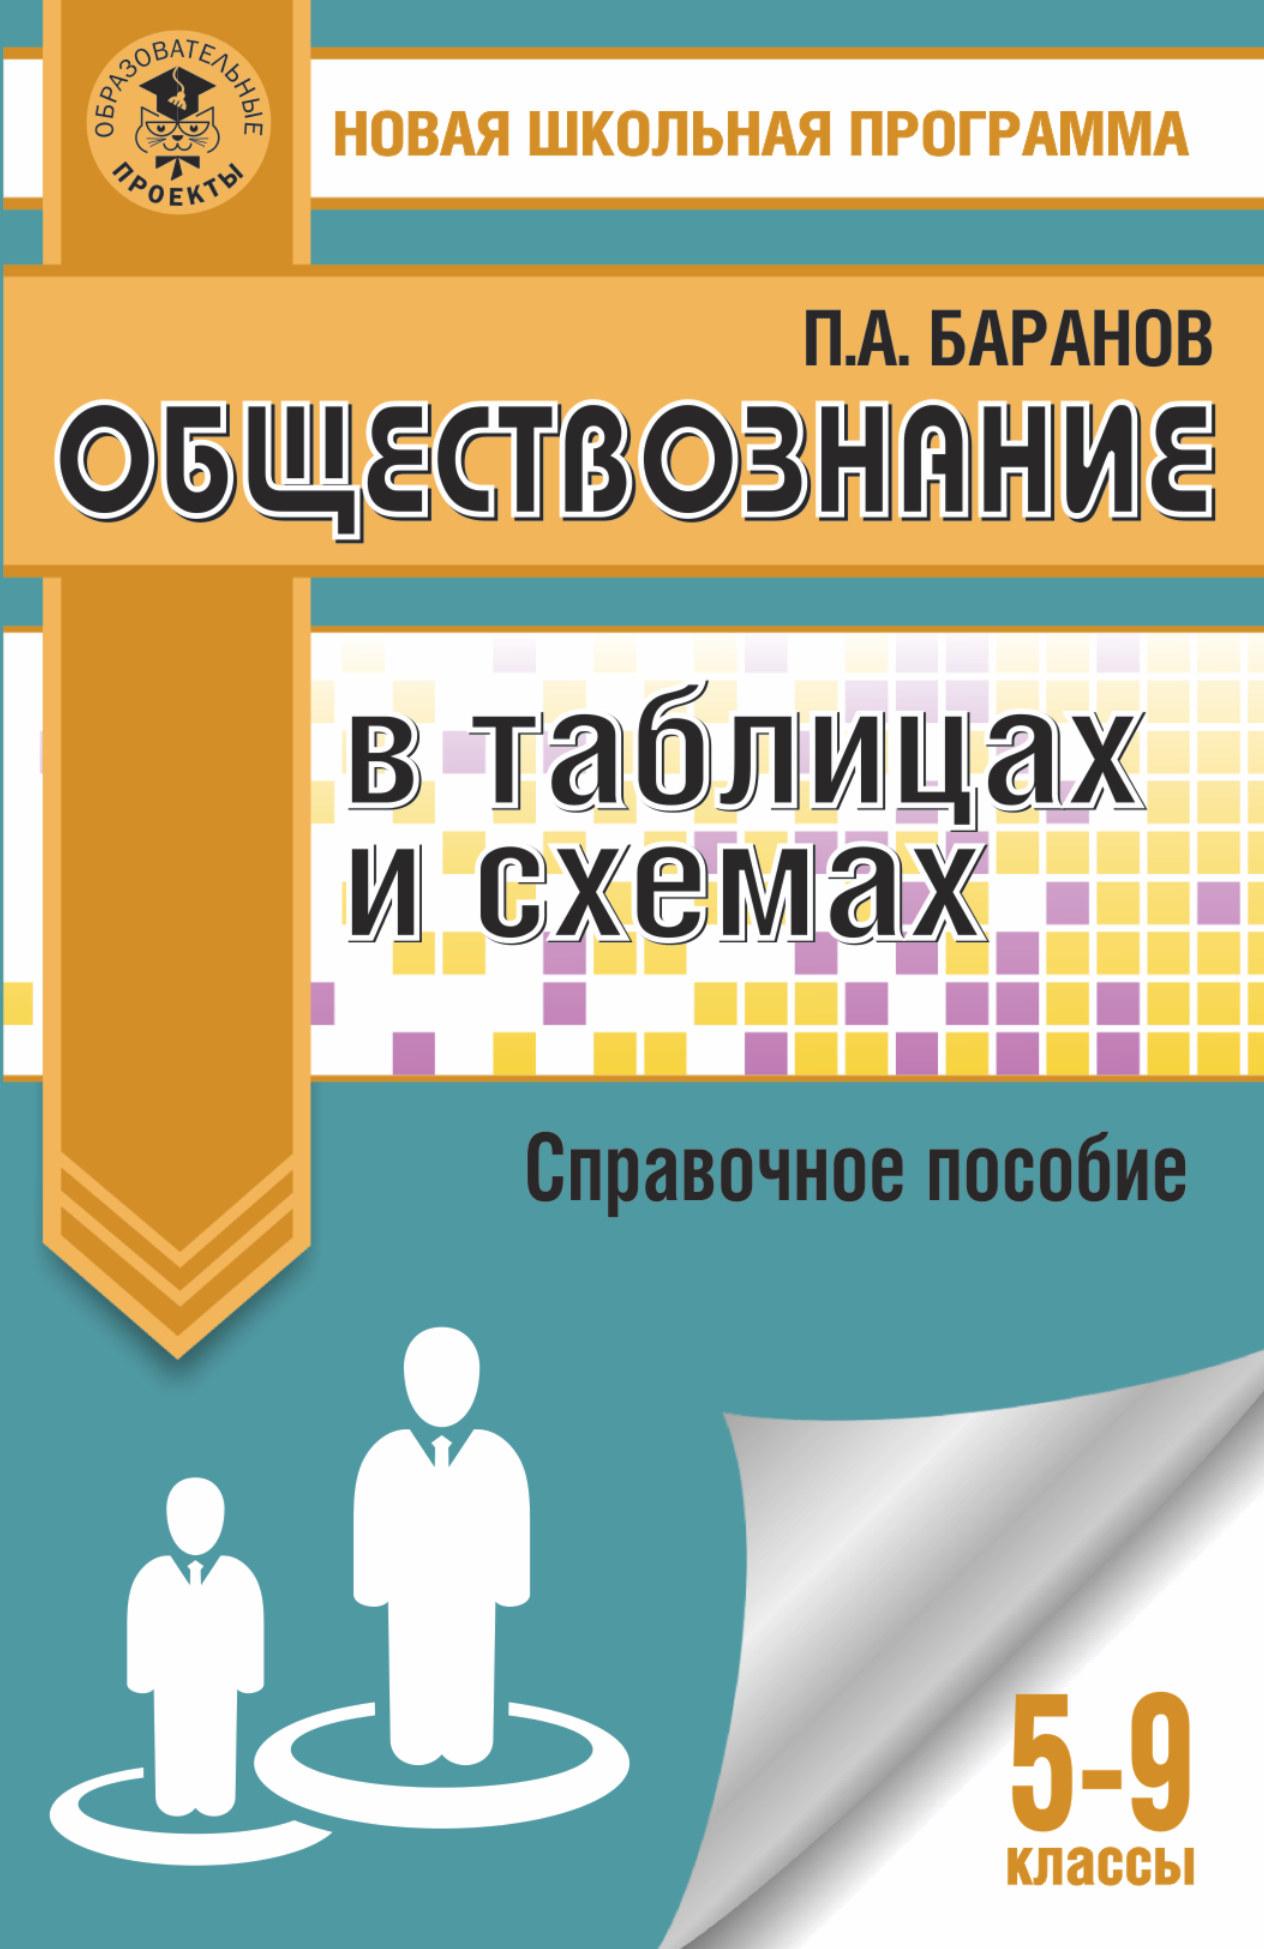 Баранов П.А. Обществознание в таблицах и схемах. Справочное пособие. 5-9 классы